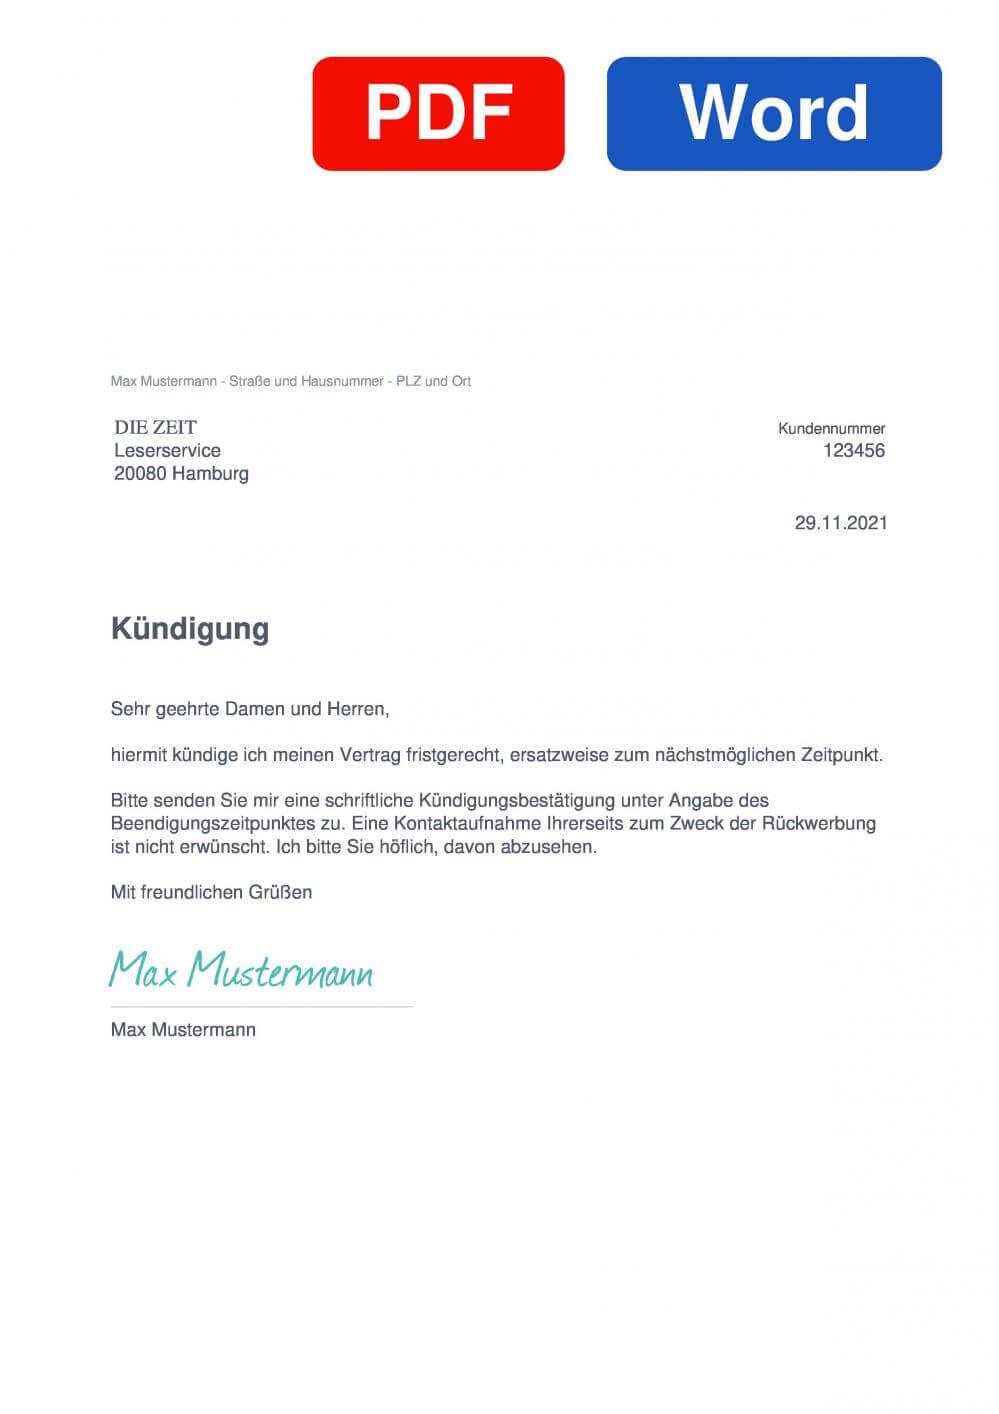 DIE ZEIT Probeabo Muster Vorlage für Kündigungsschreiben